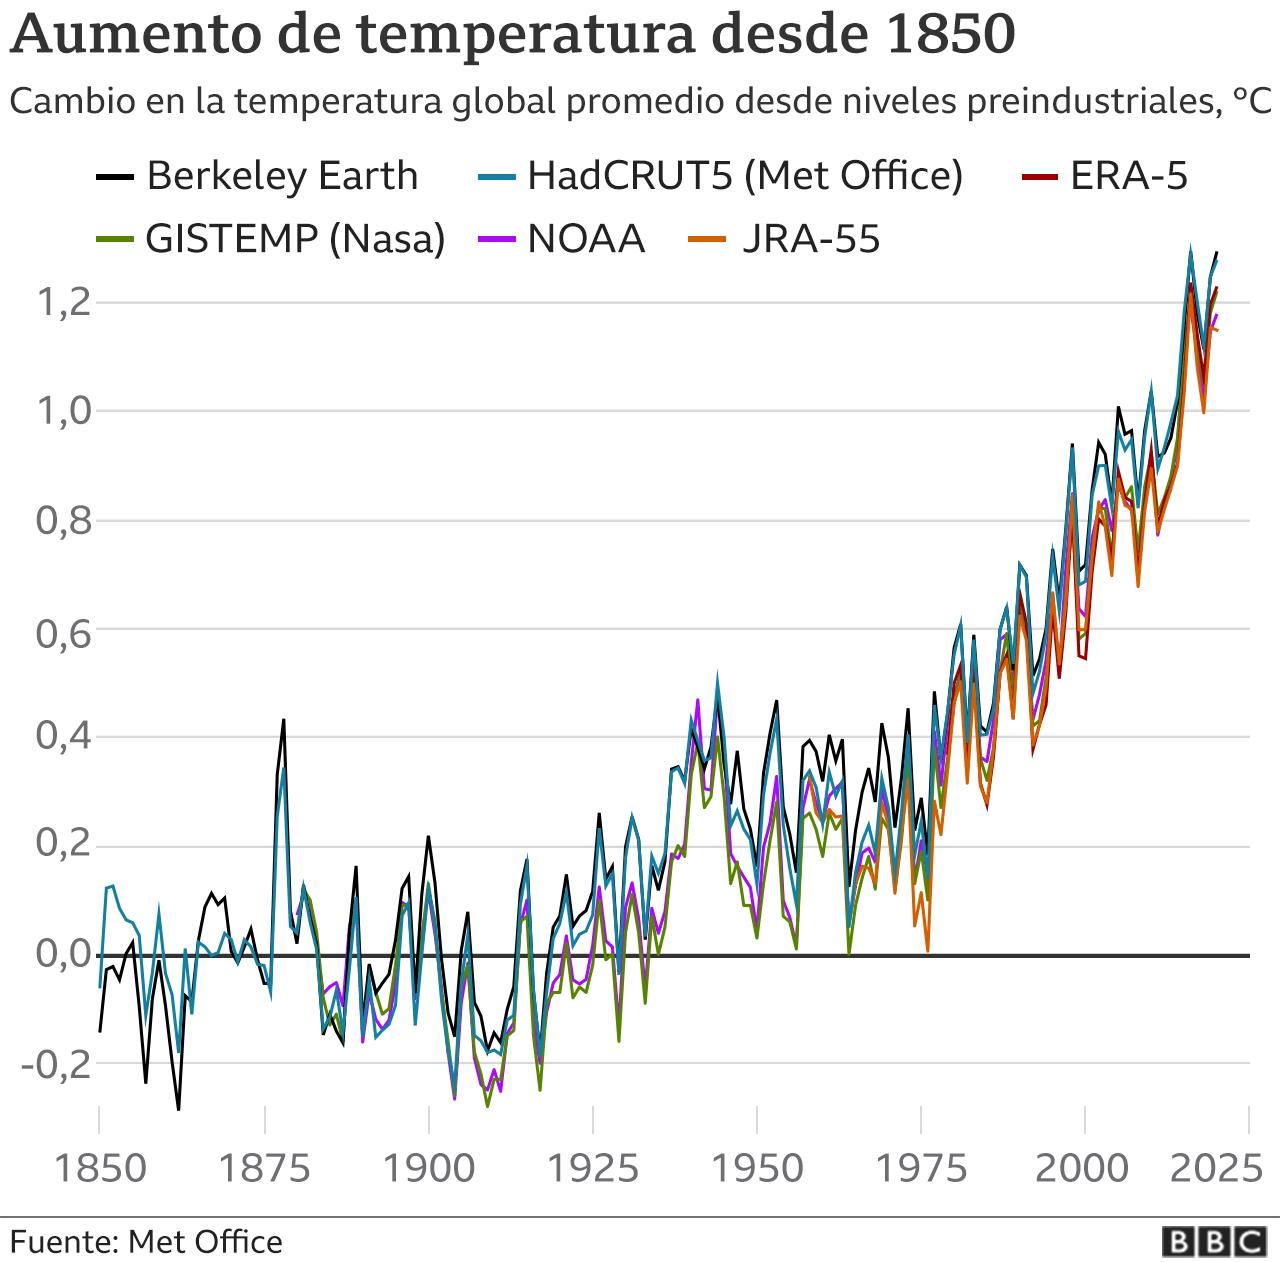 Gráfico que muestra el aumento global promedio de temperatura desde niveles preindustriales